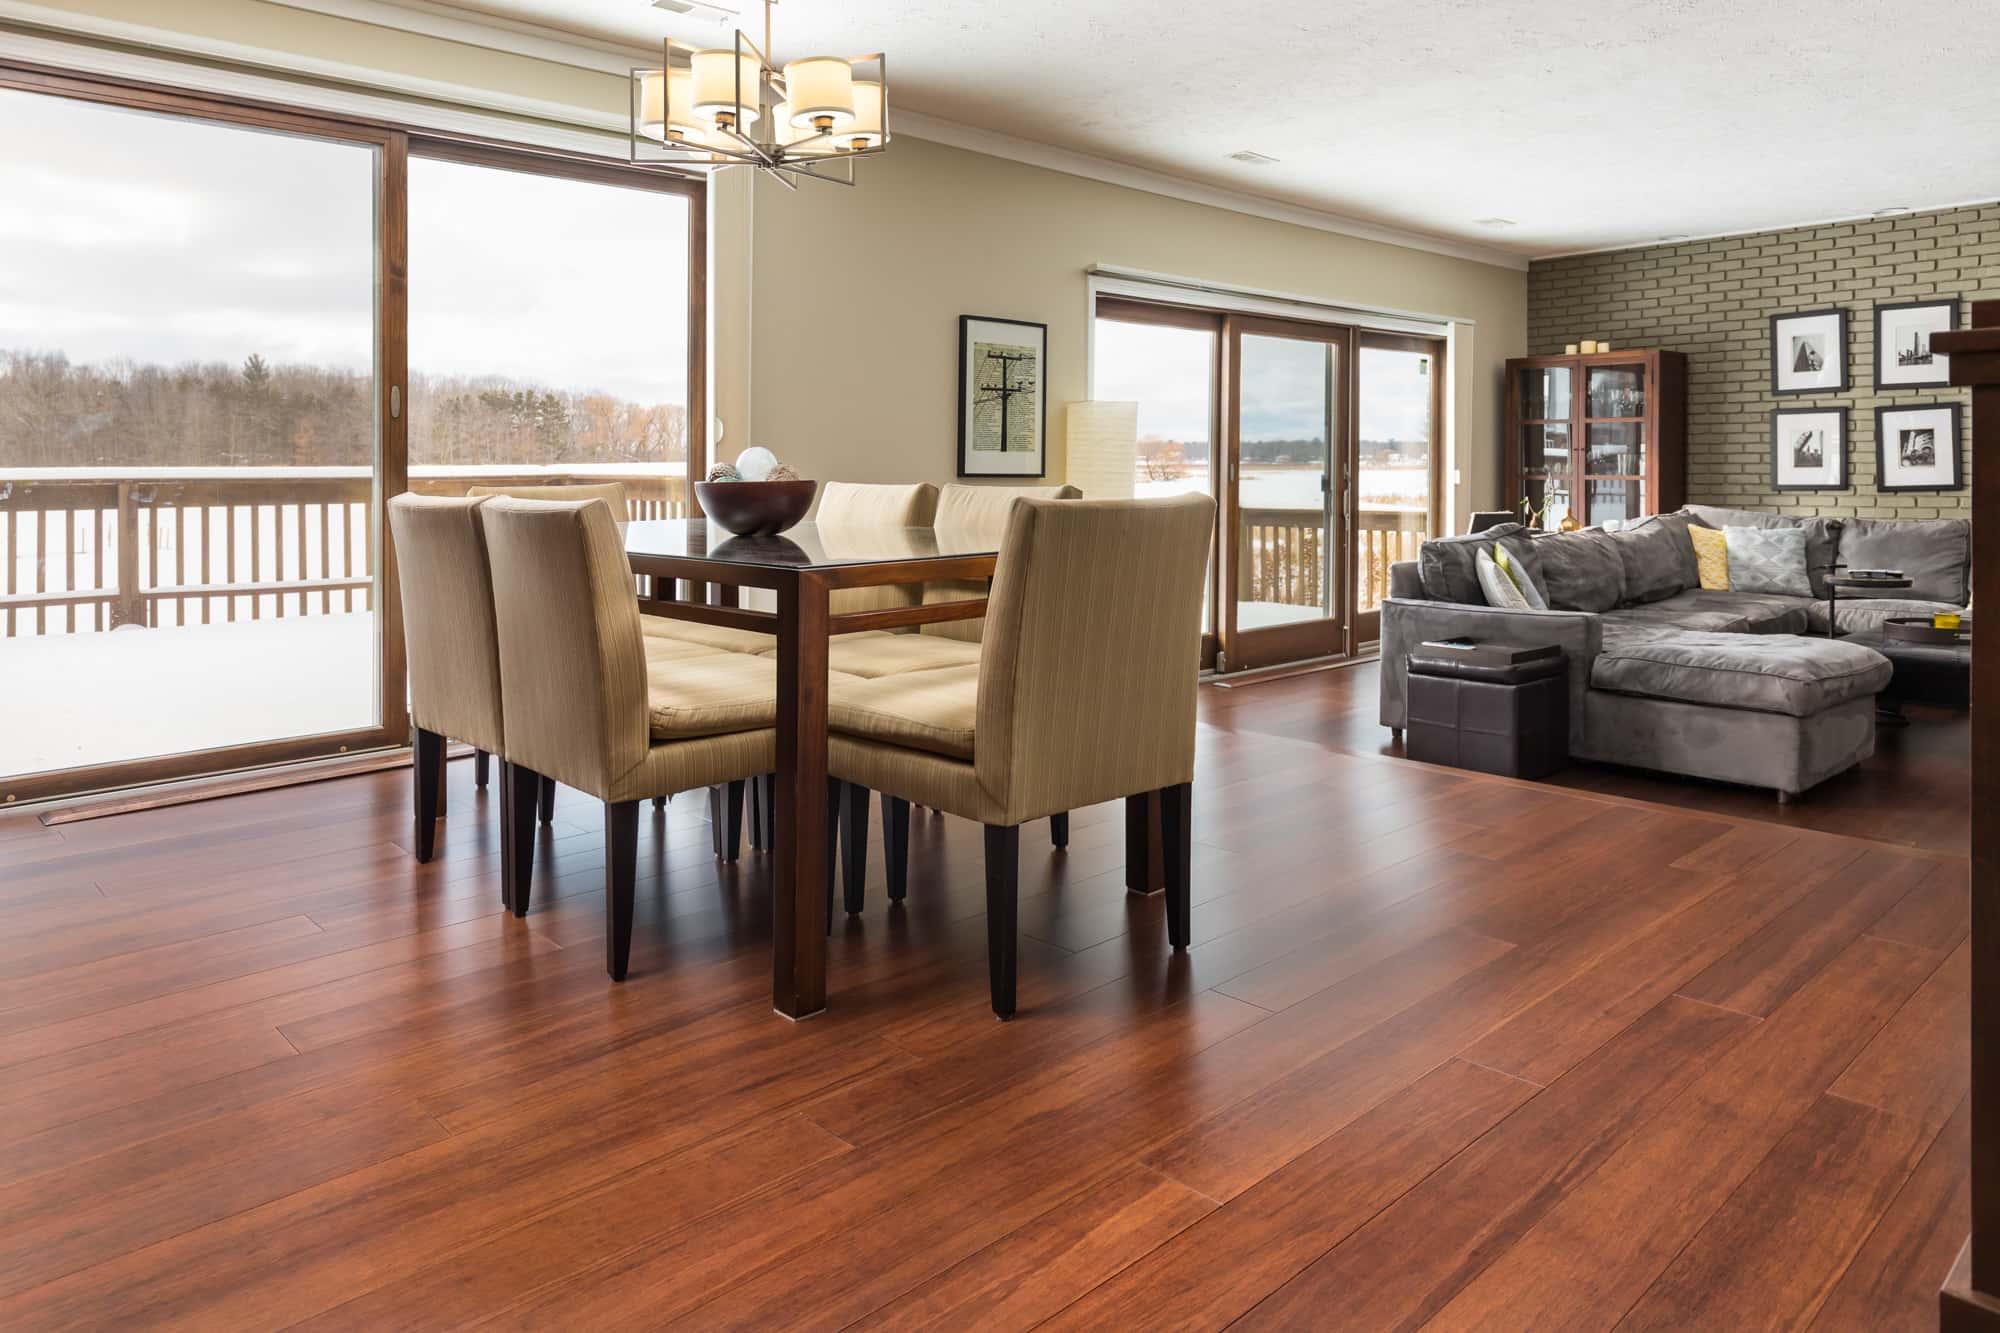 Espresso Bamboo Flooring Dining Room F min